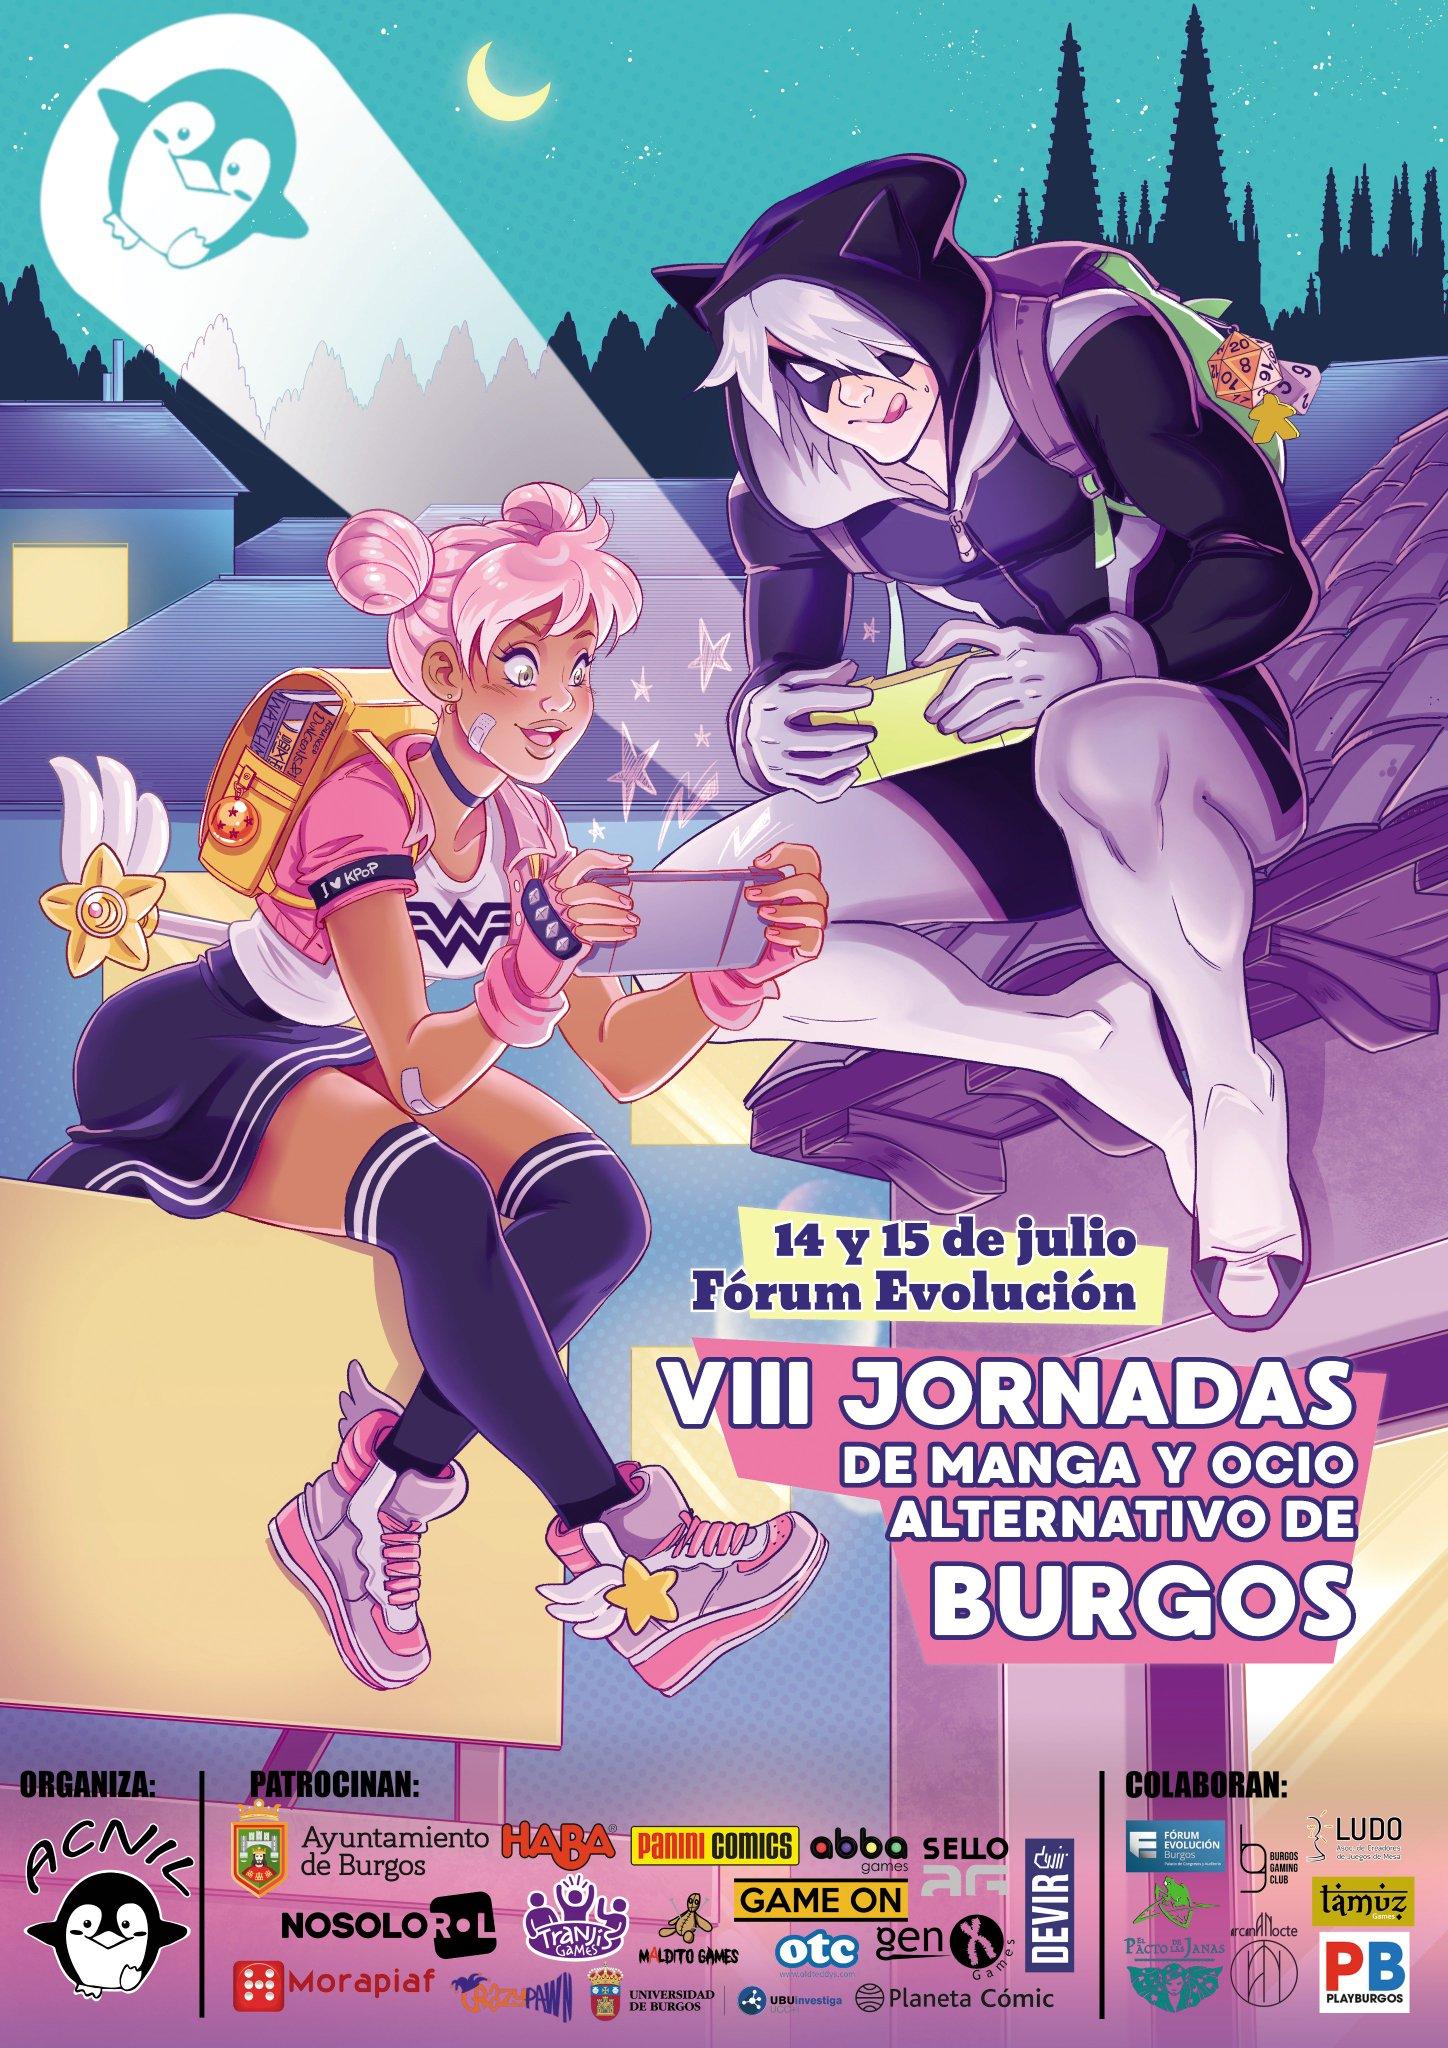 VIII Jornadas de Manga y Ocio Alternativo